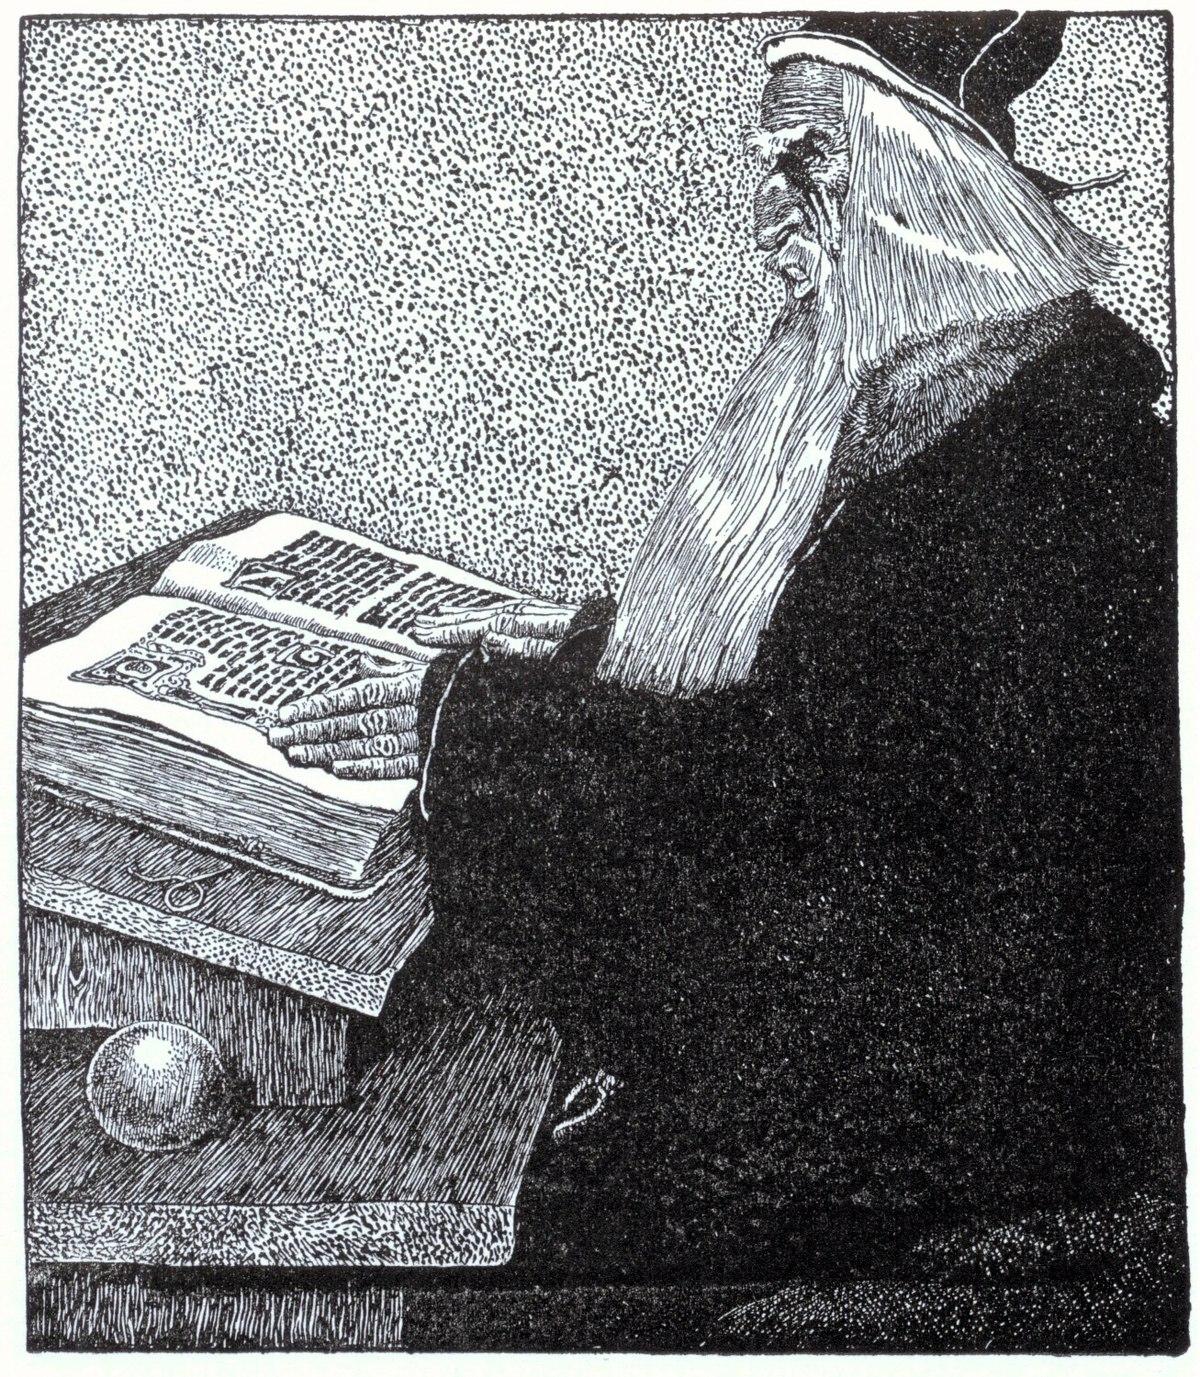 Merlin - Wikipedia